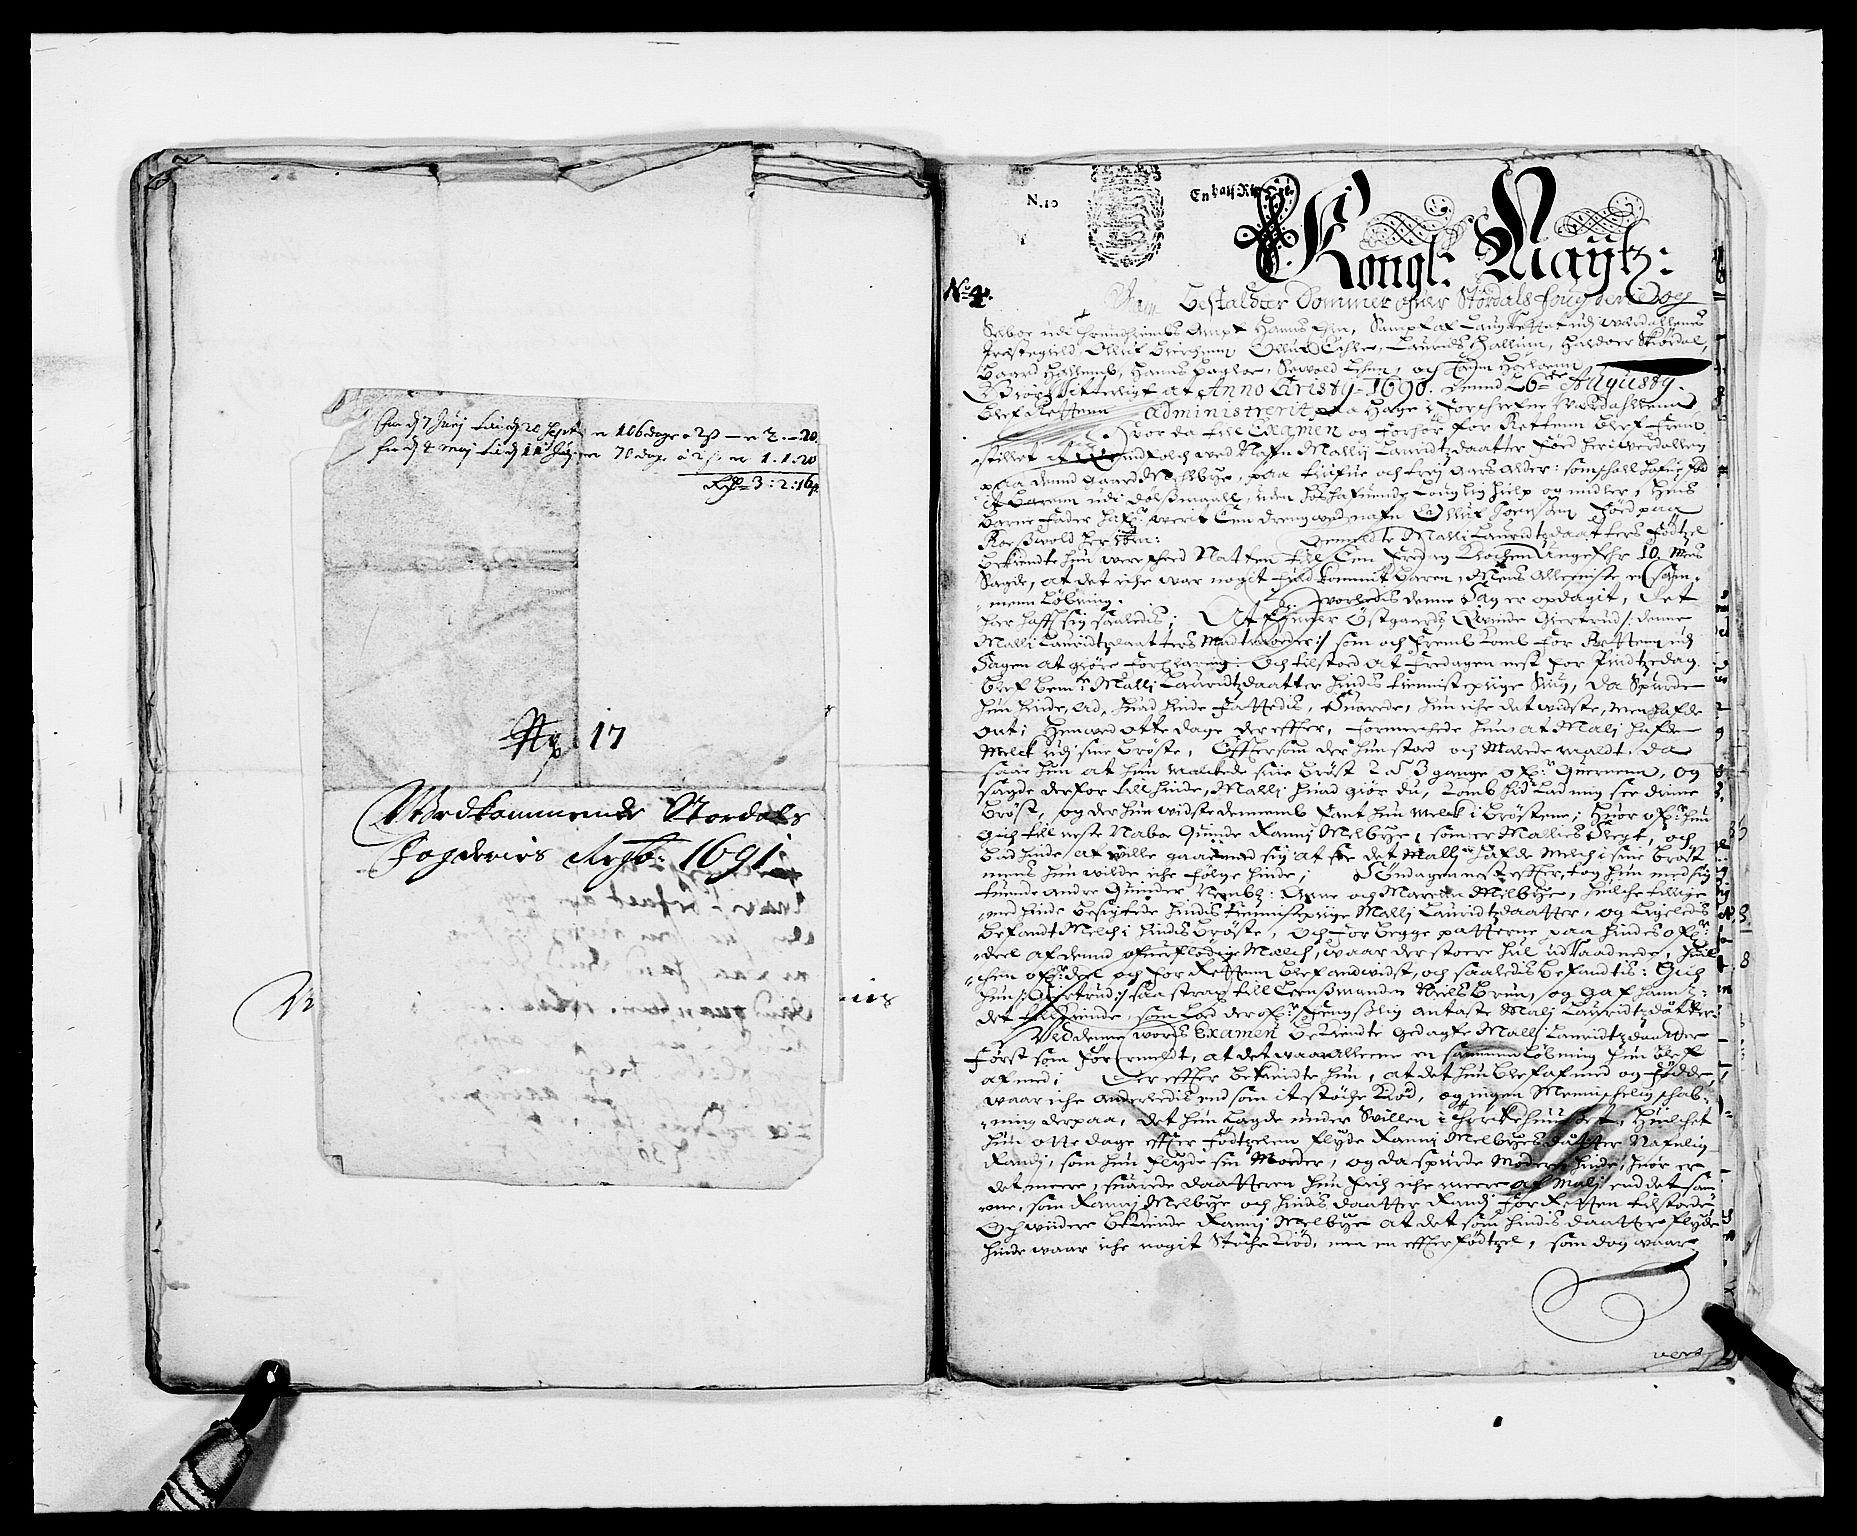 RA, Rentekammeret inntil 1814, Reviderte regnskaper, Fogderegnskap, R62/L4184: Fogderegnskap Stjørdal og Verdal, 1690-1691, s. 468